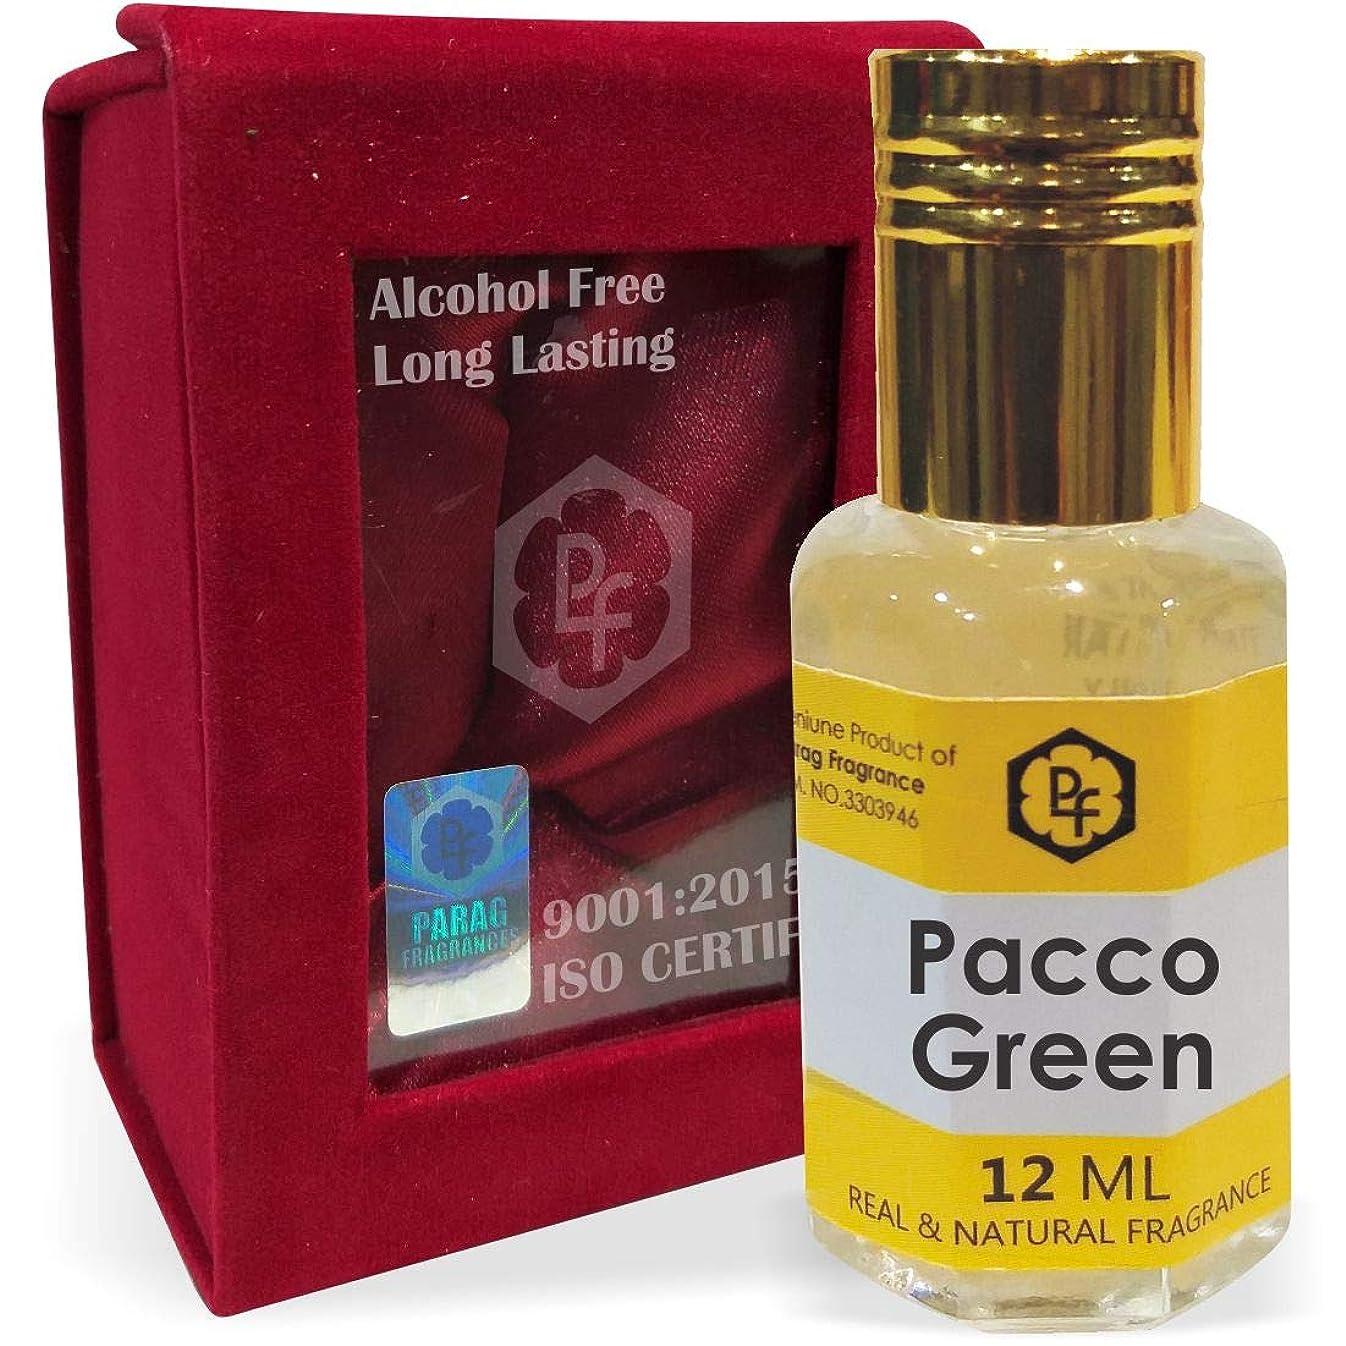 巻き取りせせらぎインフルエンザ手作りのベルベットボックスParagフレグランスPaccoをグリーン12ミリリットルアター/香油/(インドの伝統的なBhapka処理方法により、インド製)フレグランスオイル|アターITRA最高の品質長持ち